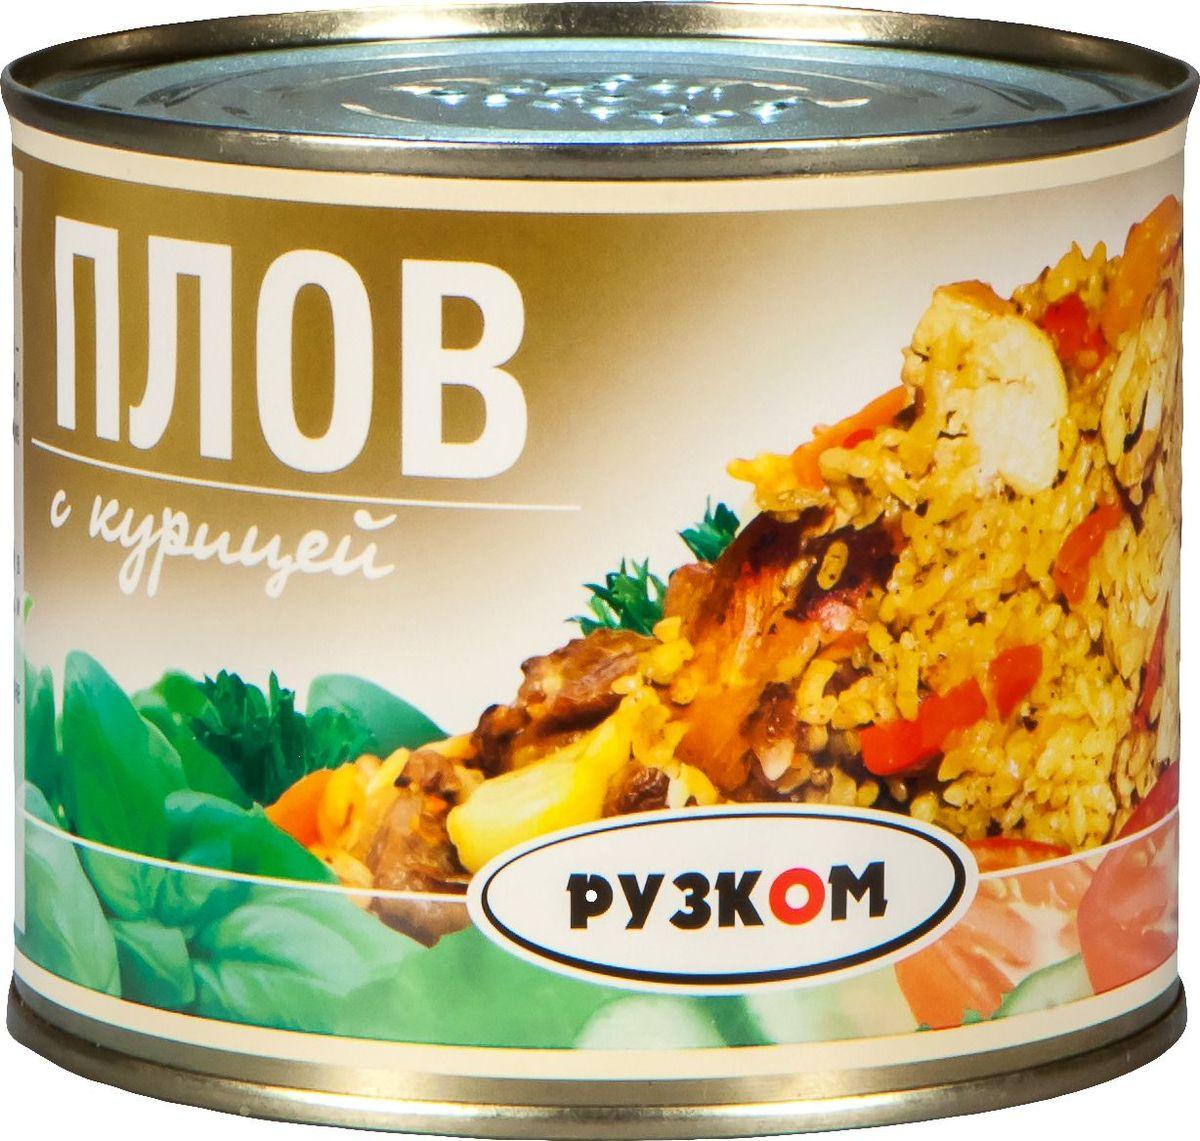 Рузком Плов с курицей, 540 г увелка гарнир плов овощной 2 пакетика по 150 г